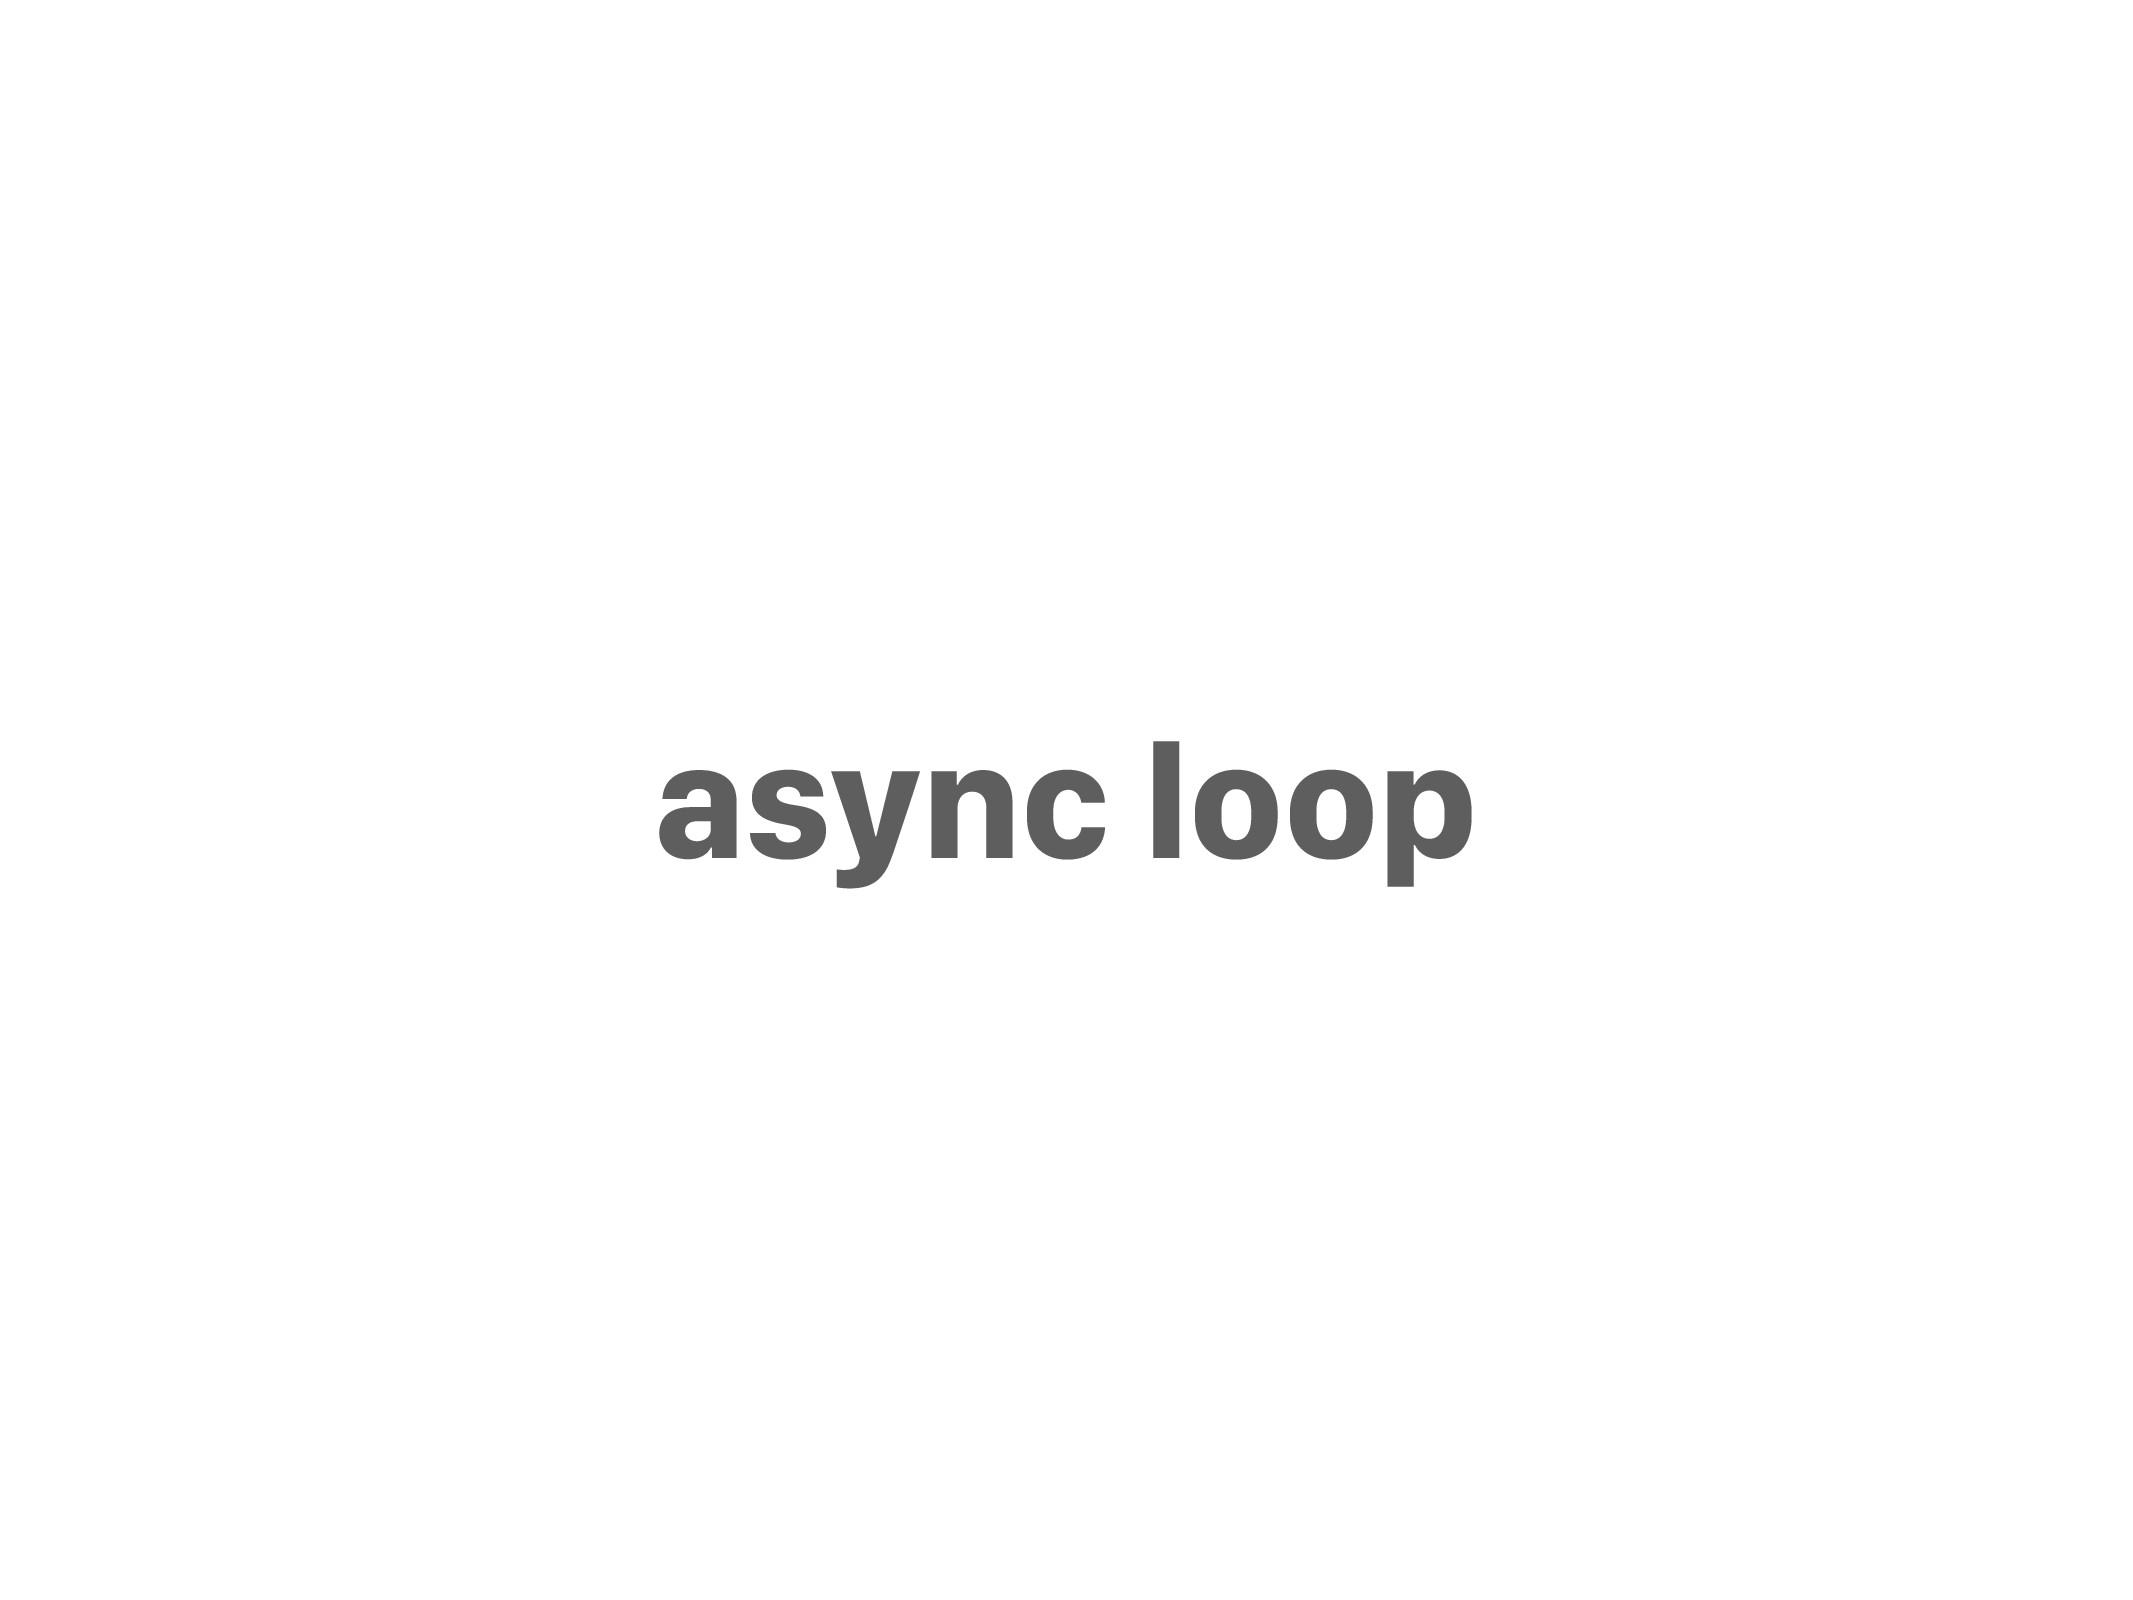 async loop